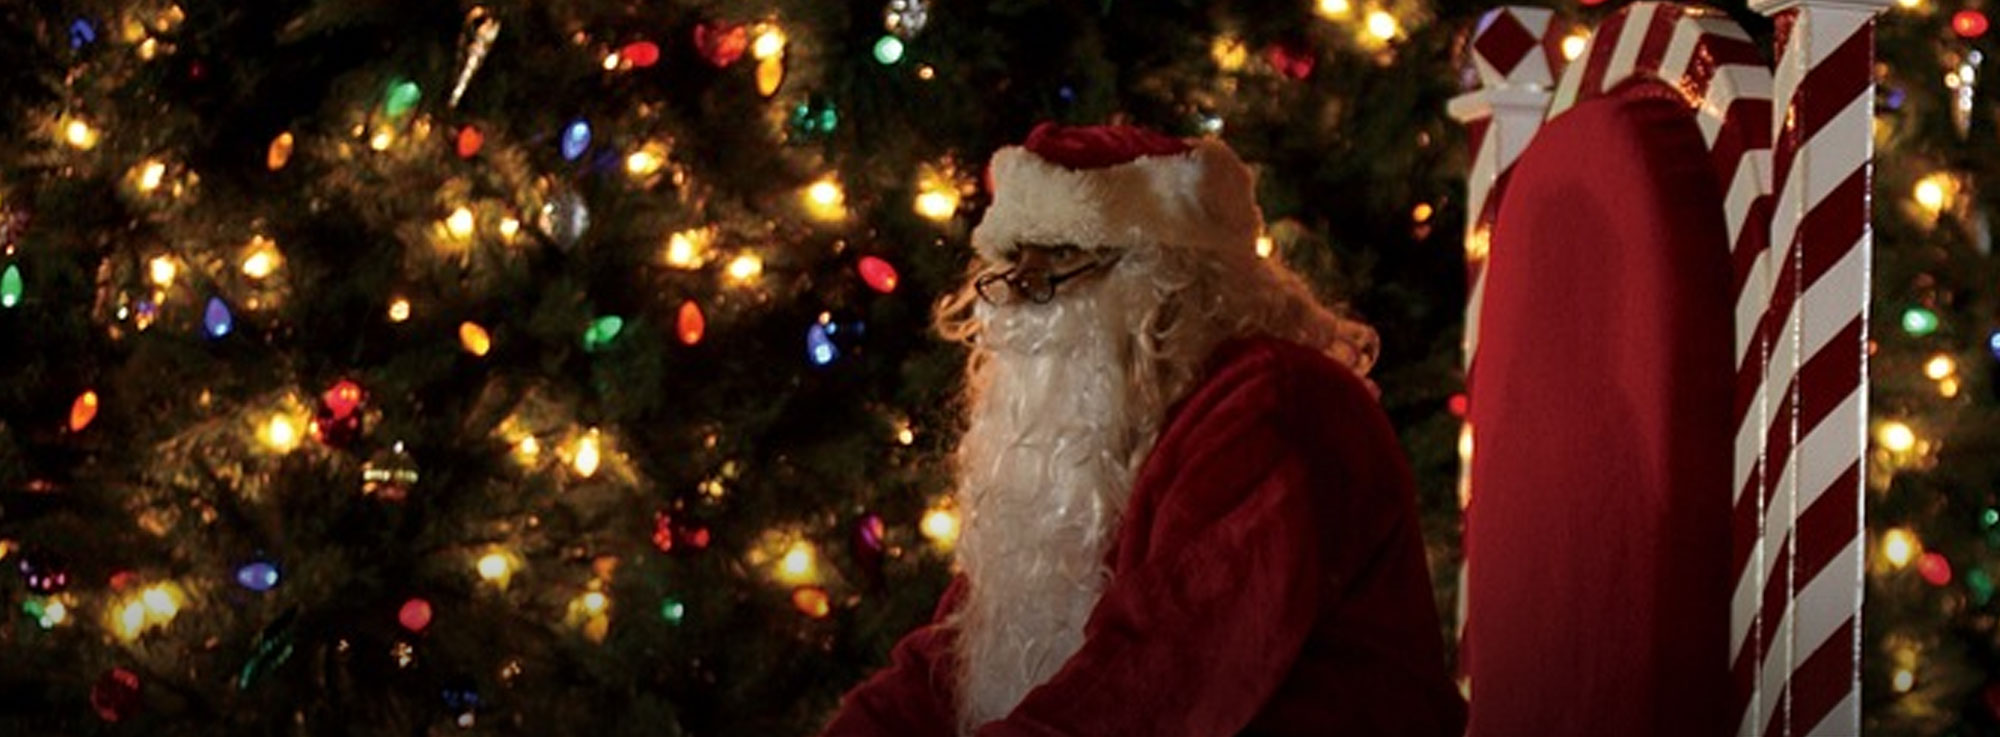 Volturino: Il Castello di Babbo Natale